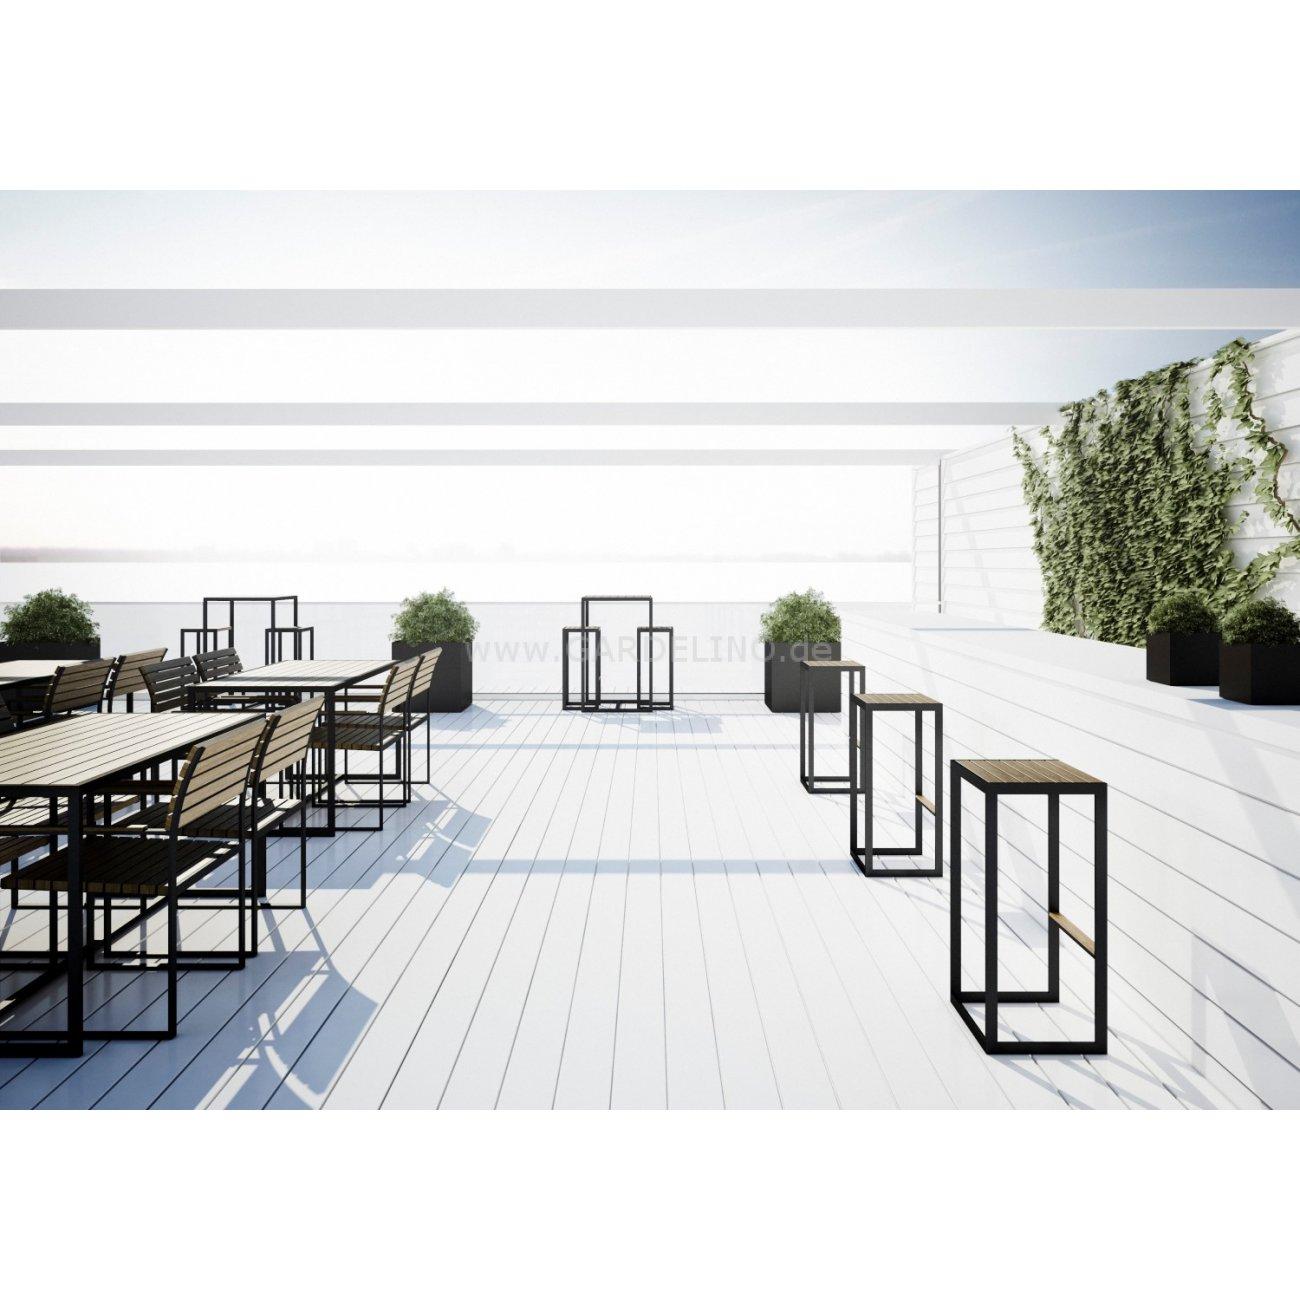 Anvitar.com : Gartenmobel Holz Design ~> Interessante Ideen Für ... Gartenmobel Aus Holz Richtige Wahl